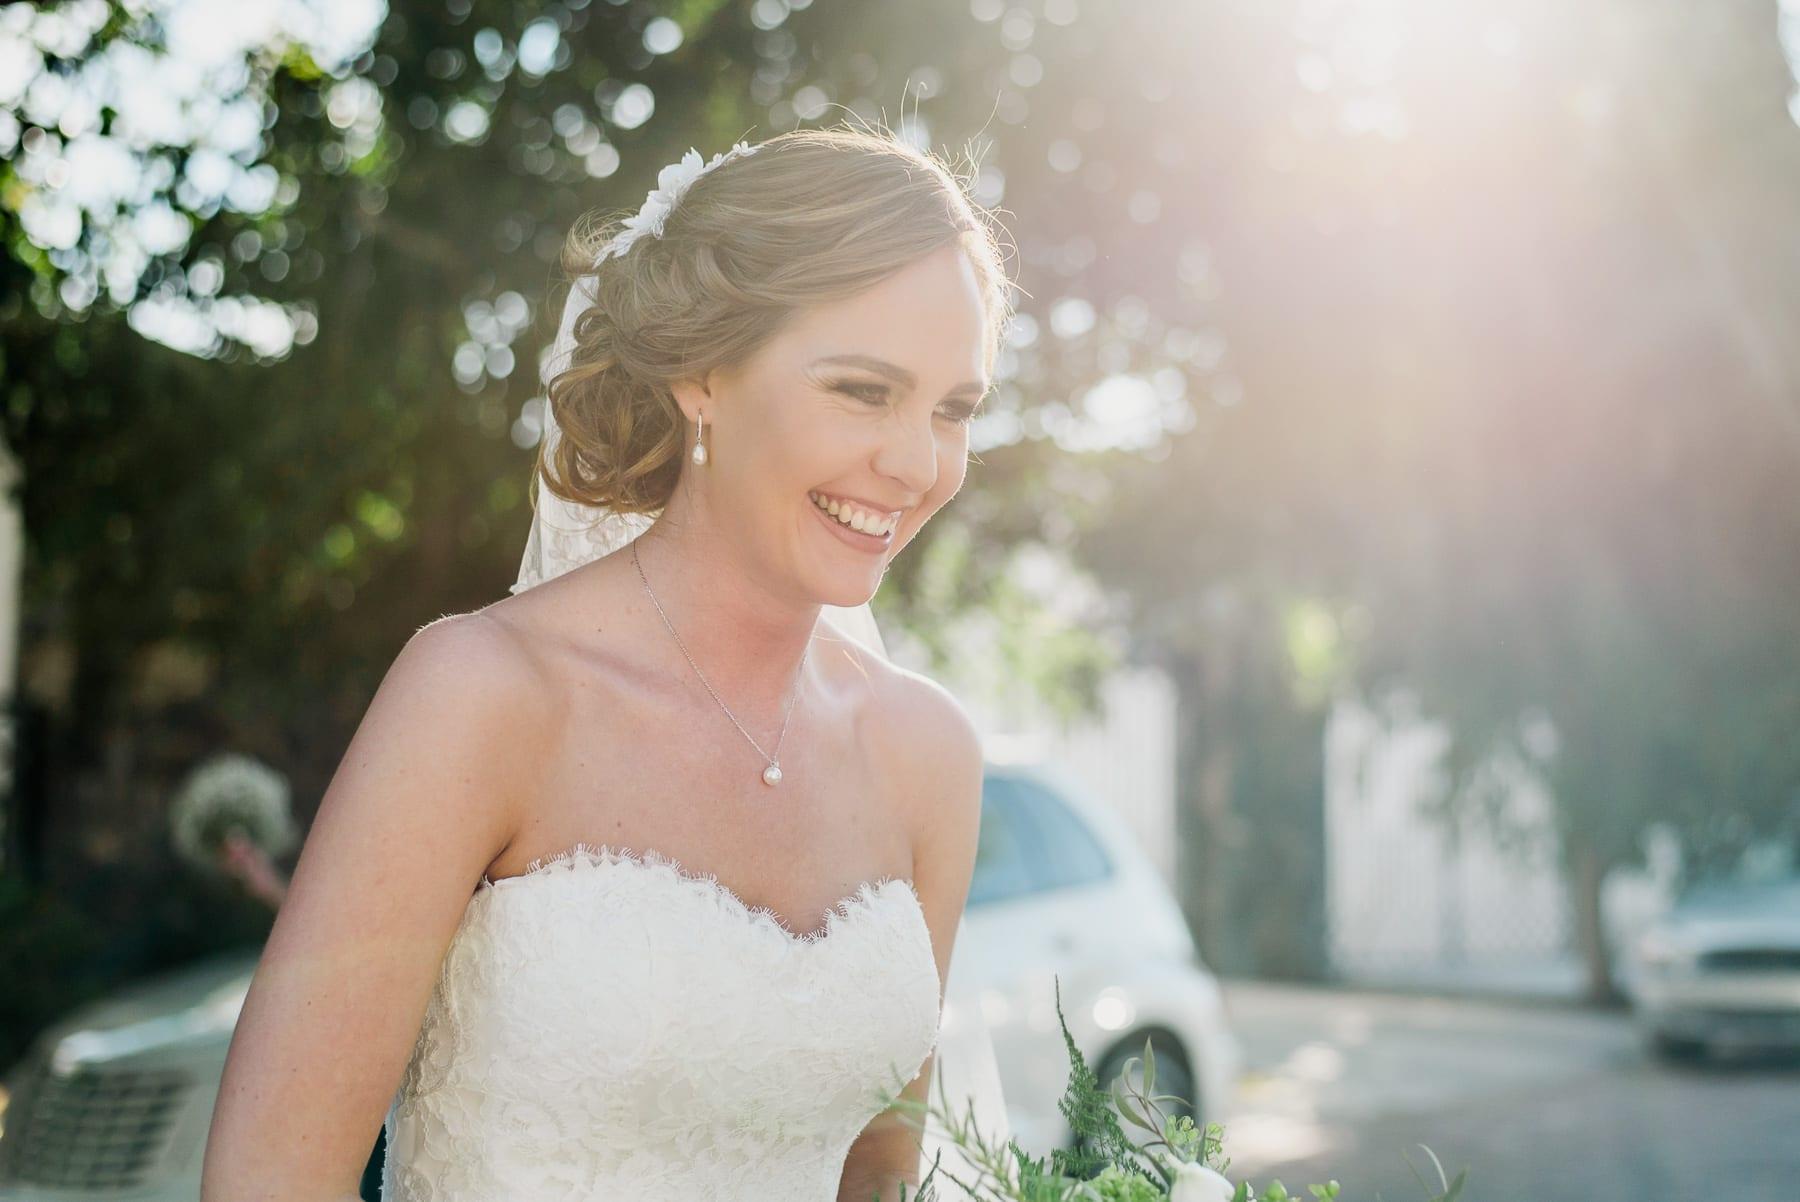 fotografo-de-bodas-en-queretaro-17